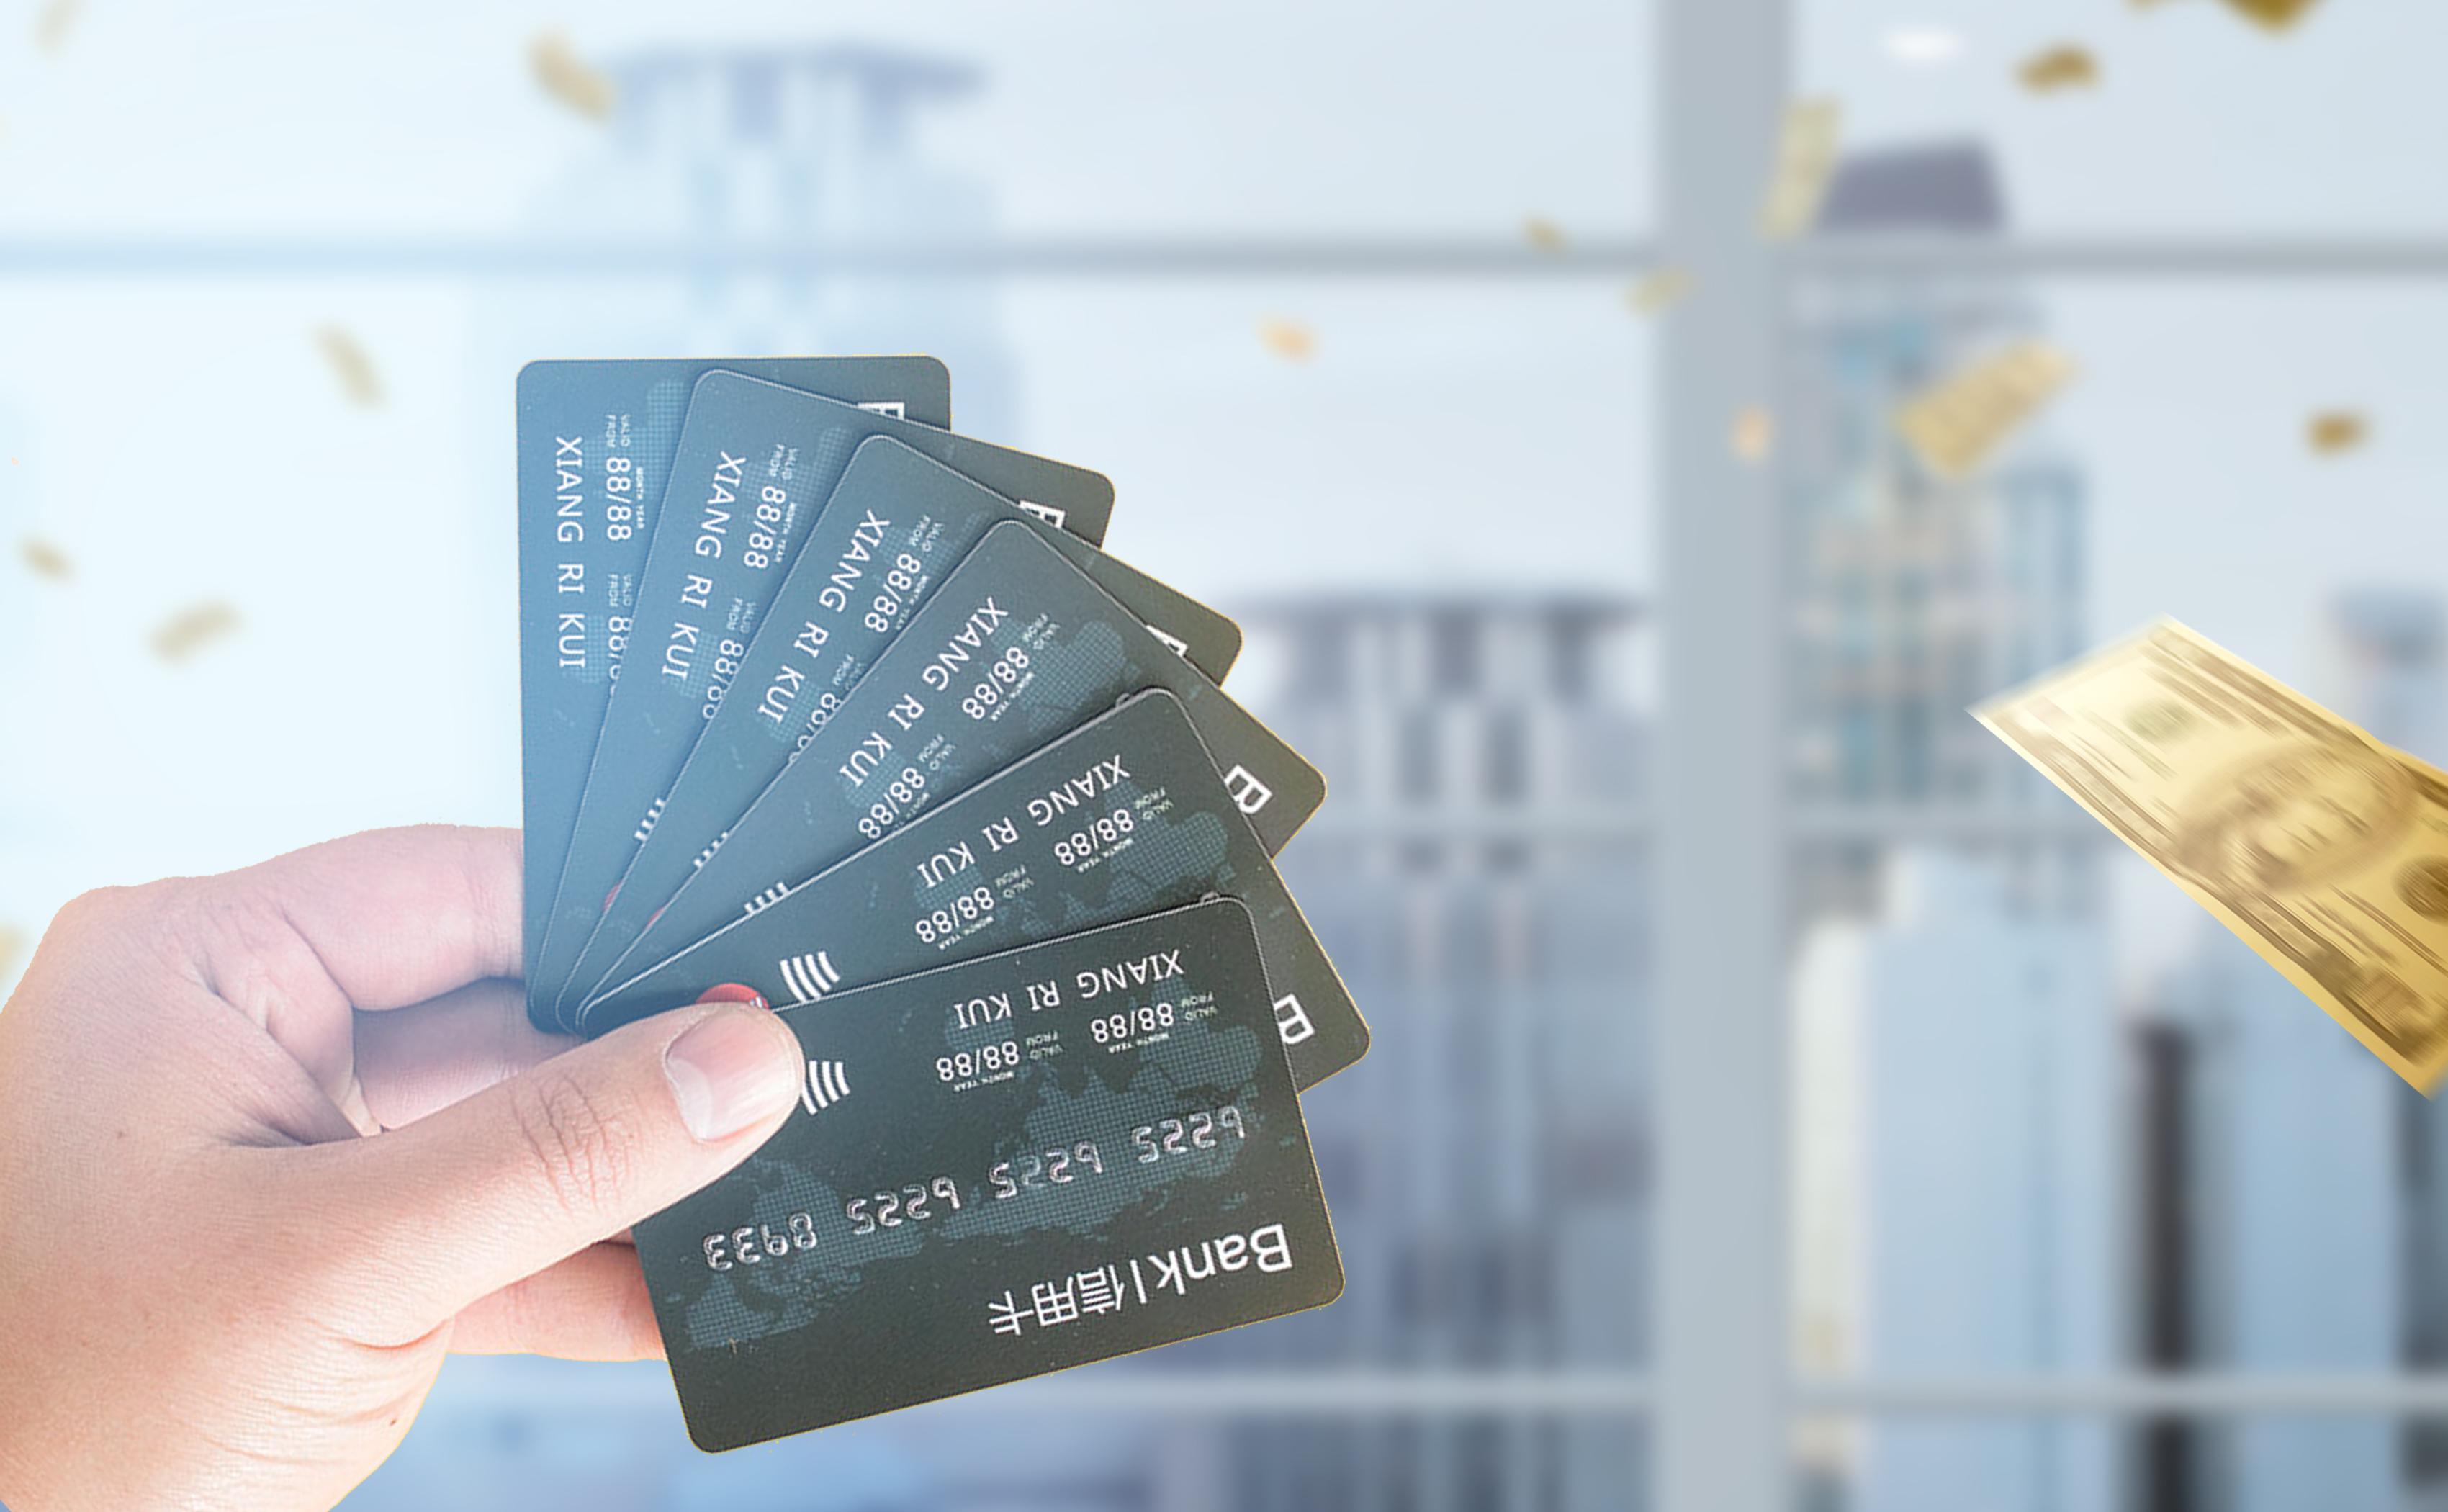 我的省钱绝活—--2020年您最值得拥有的借记卡